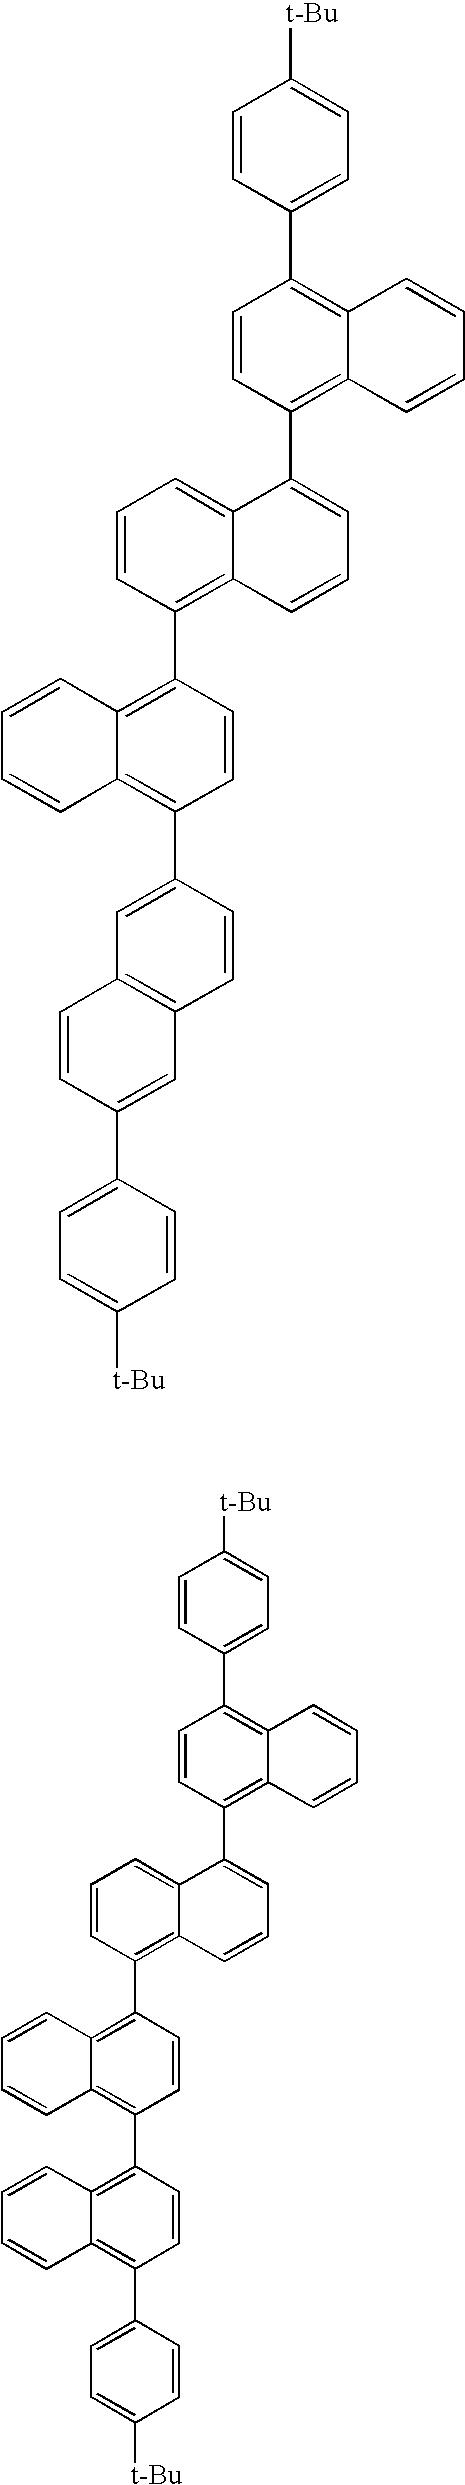 Figure US20100171109A1-20100708-C00102